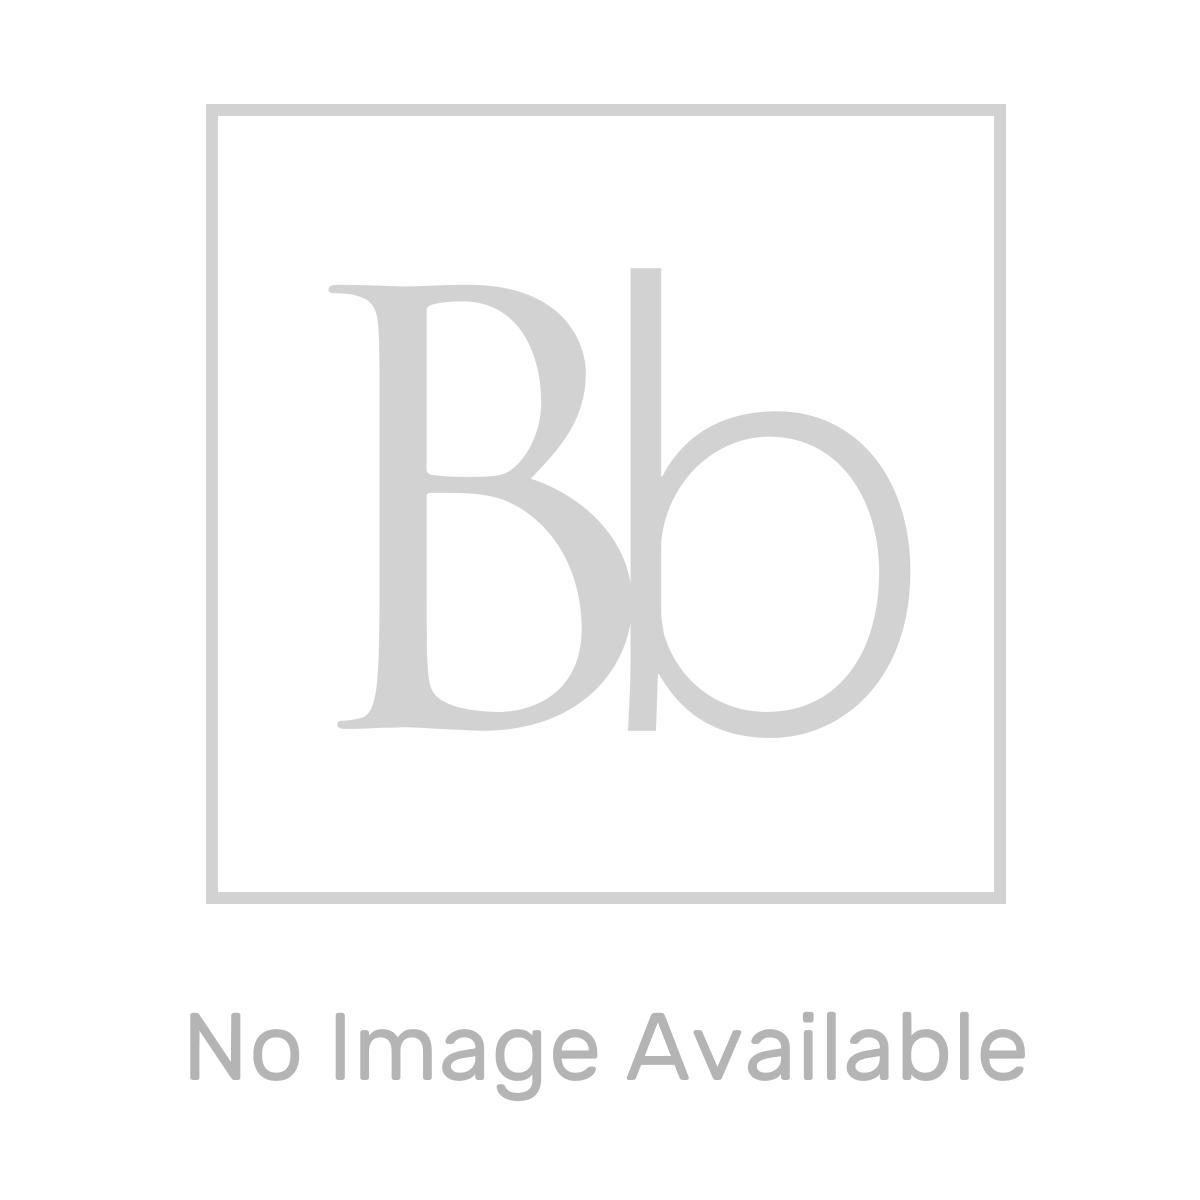 Tavistock Micra Short Projection Toilet